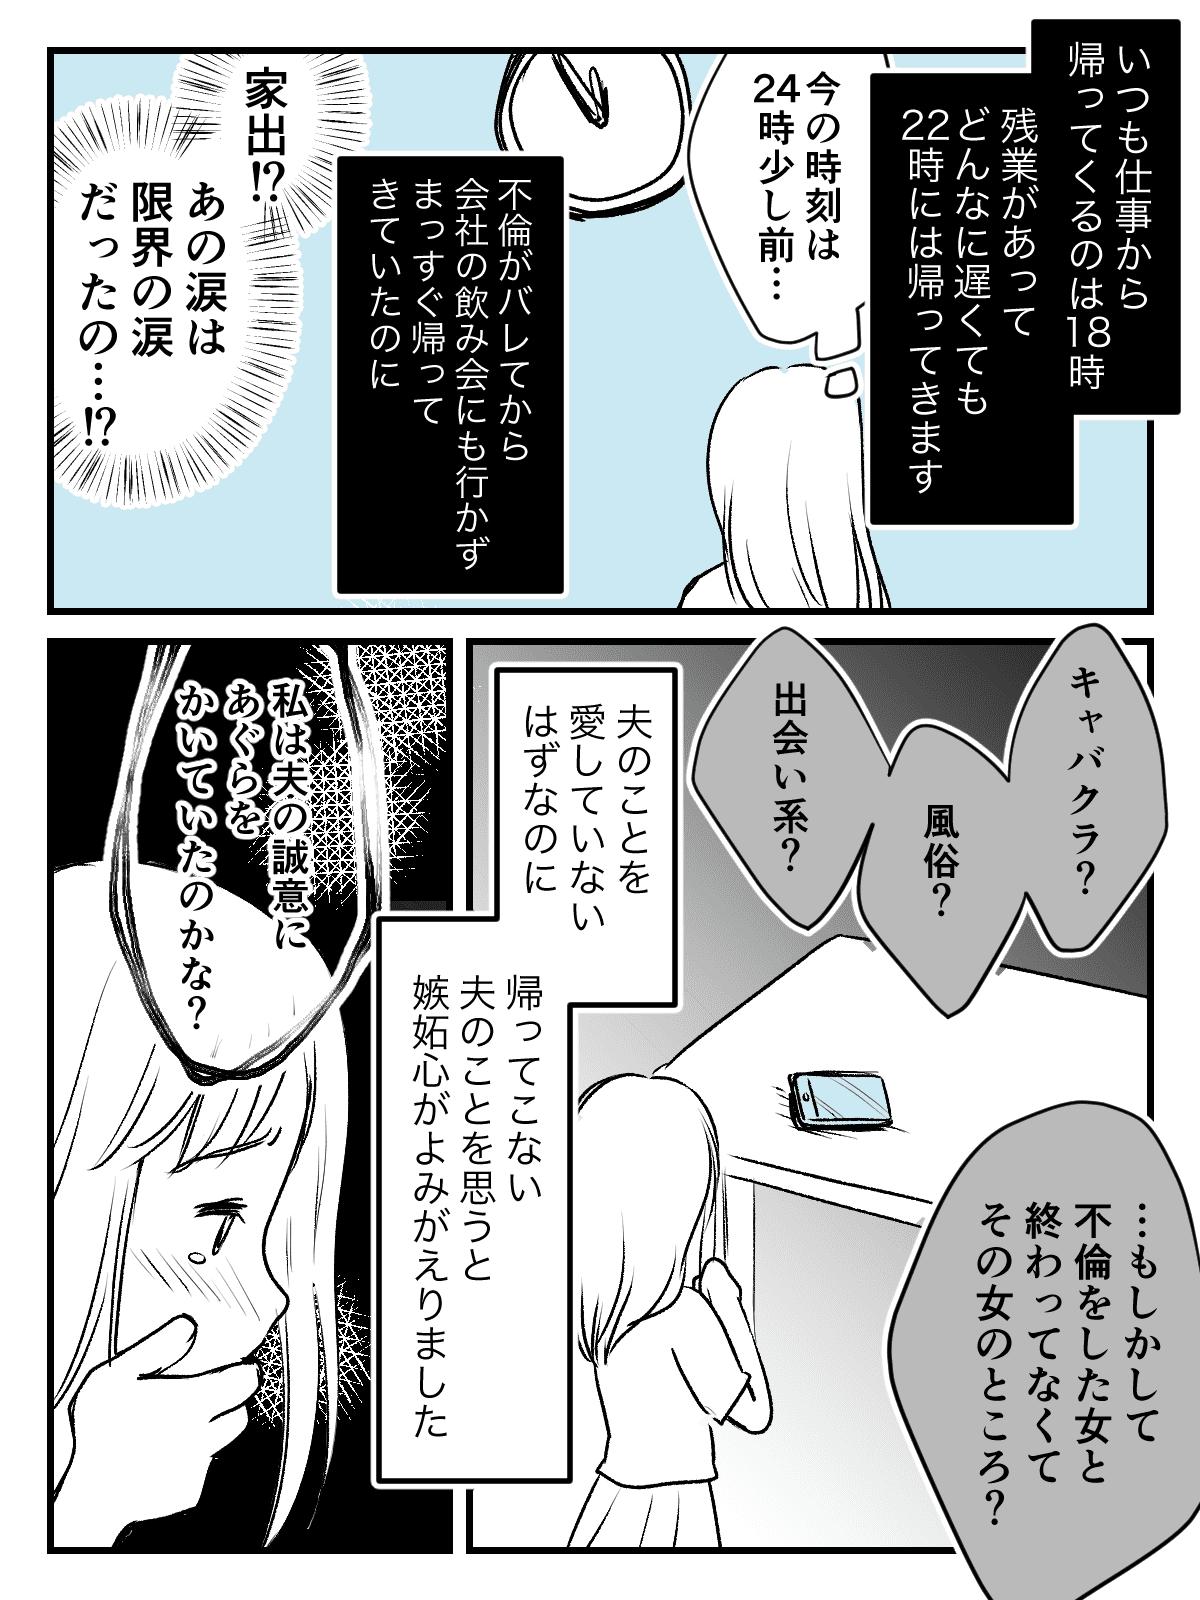 【後編】不倫夫に妻が出した再構築の条件は「セックスレス」!